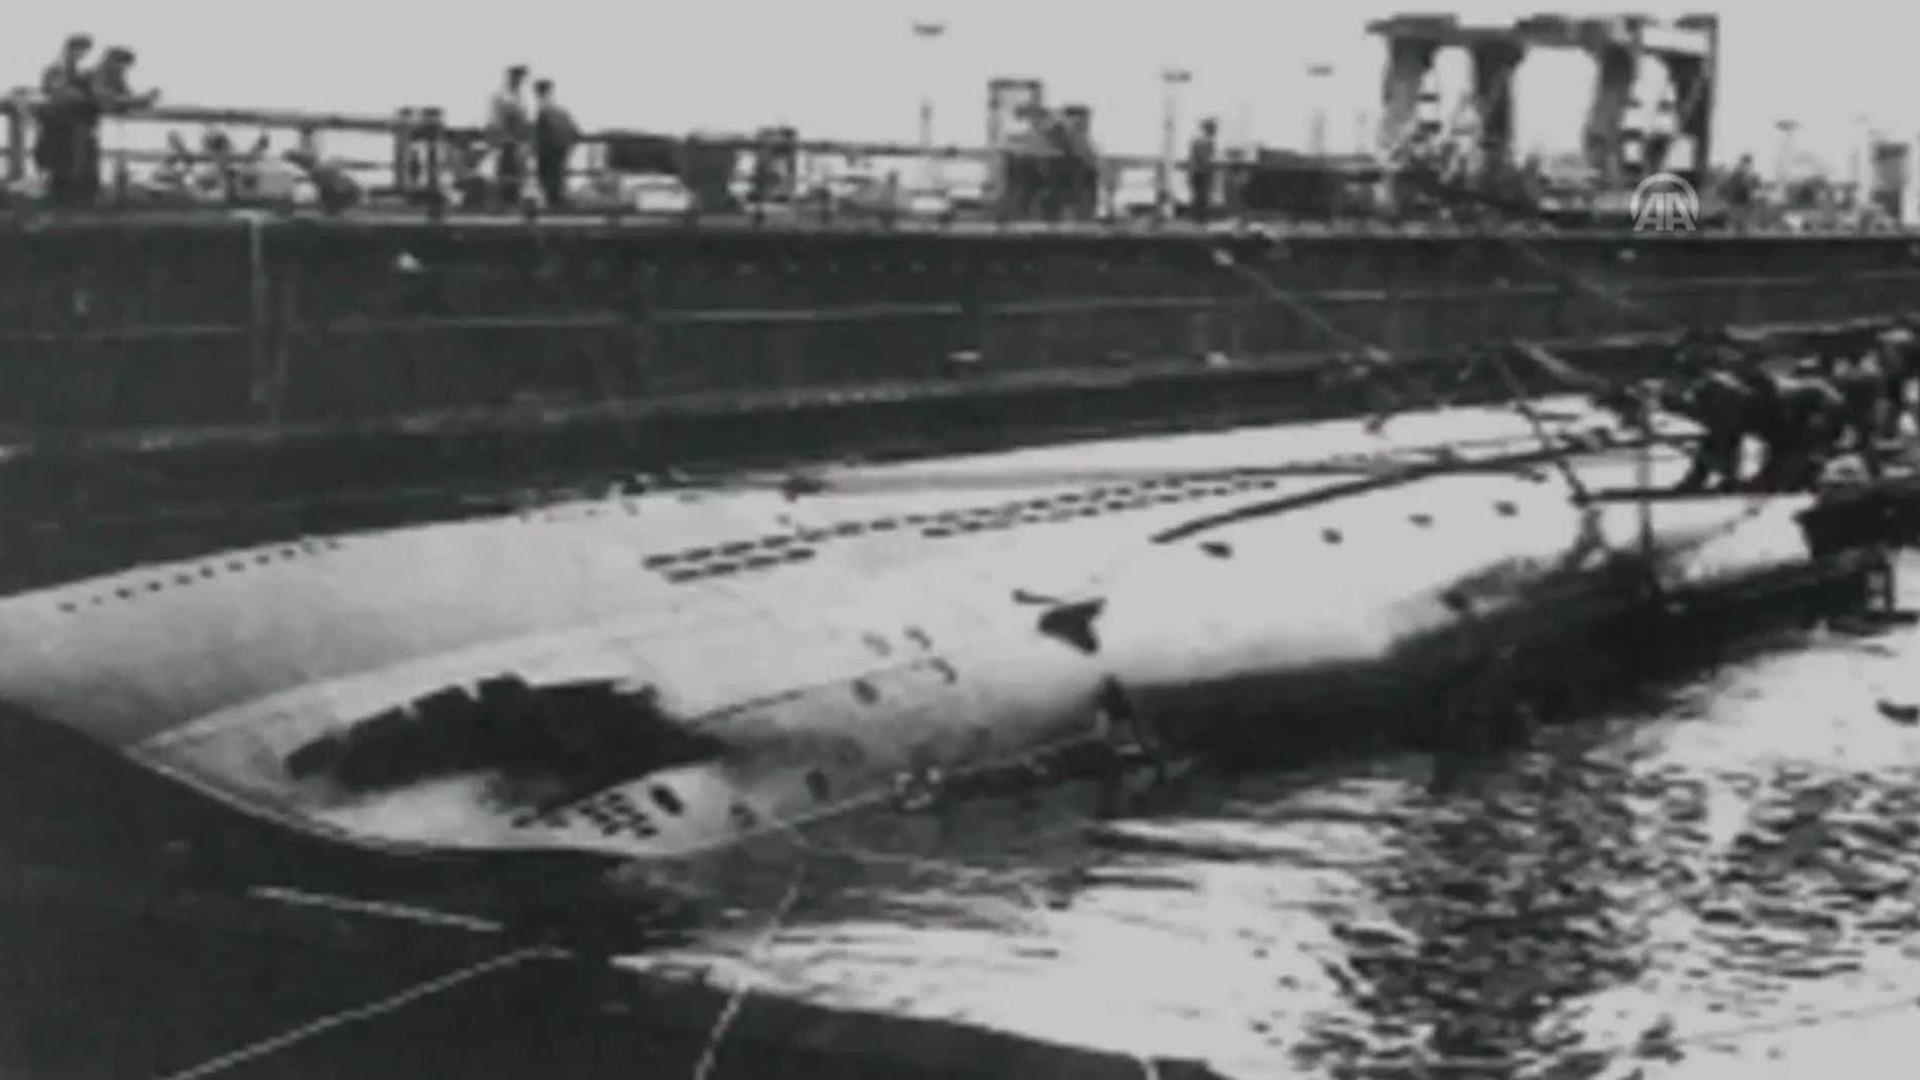 Encontrado o segundo submarino da 'frota perdida' de Hitler